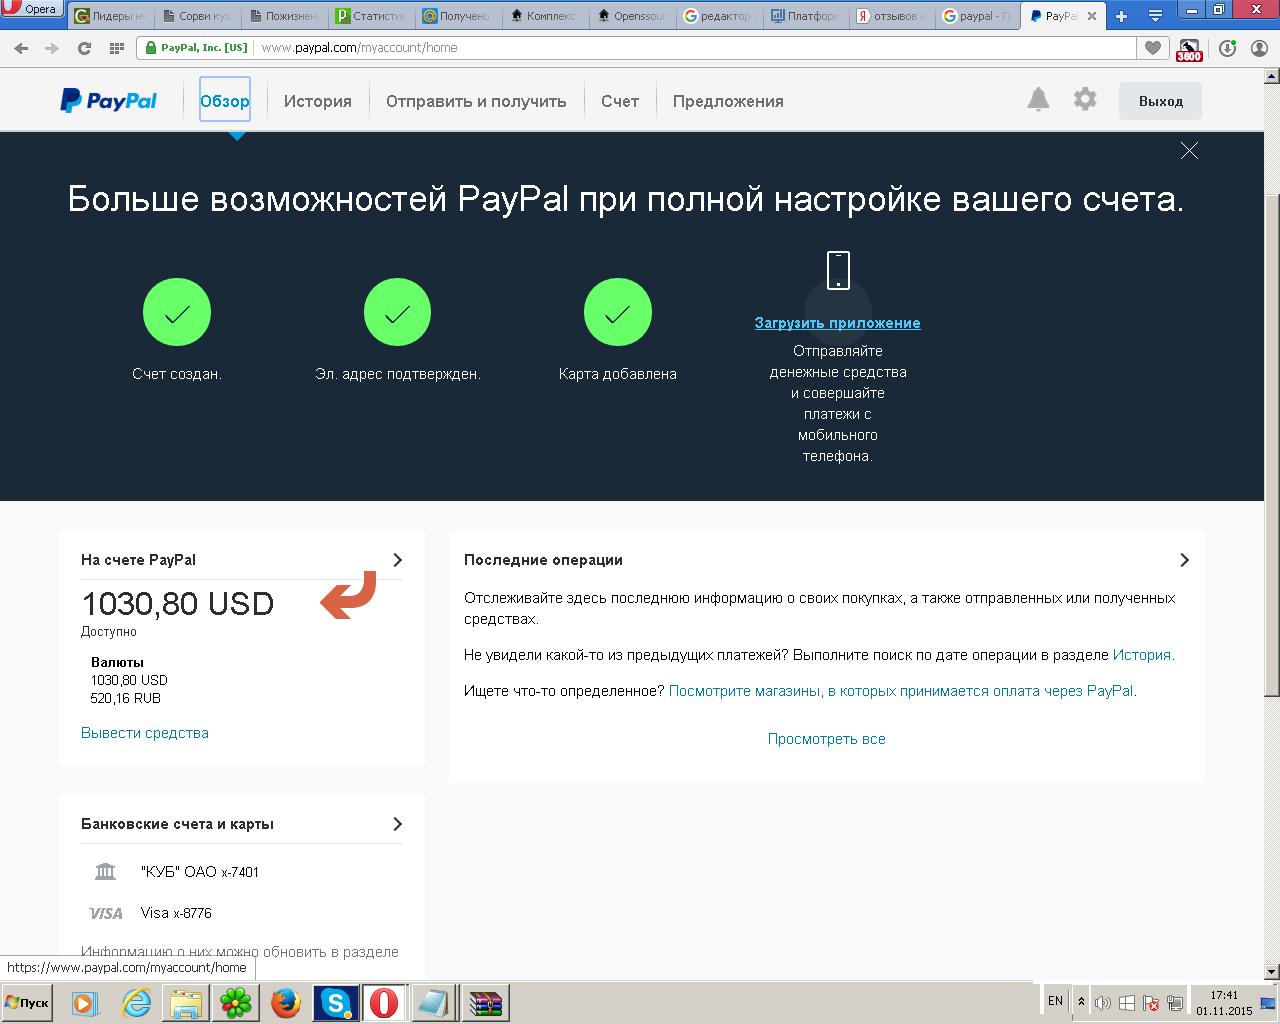 http://u1.platformalp.ru/dfce7d6d89ecb0e319bba7219d4addb8/519a82632fb96feacd8654e1a85113e9.png